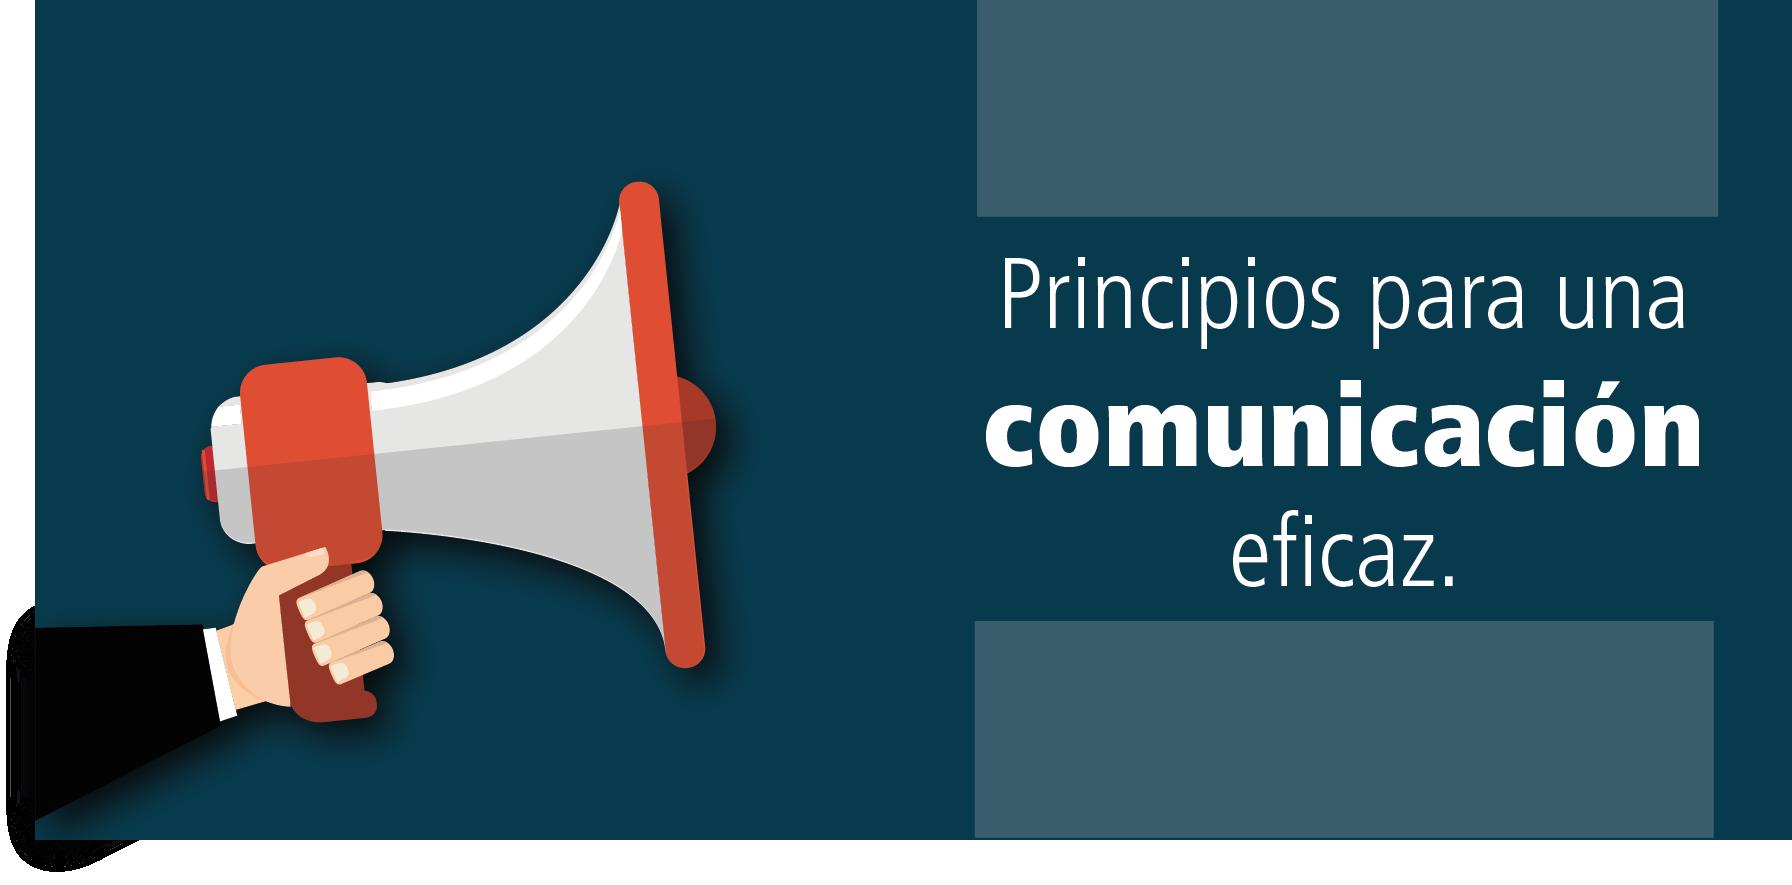 Principios para una comunicación eficaz.